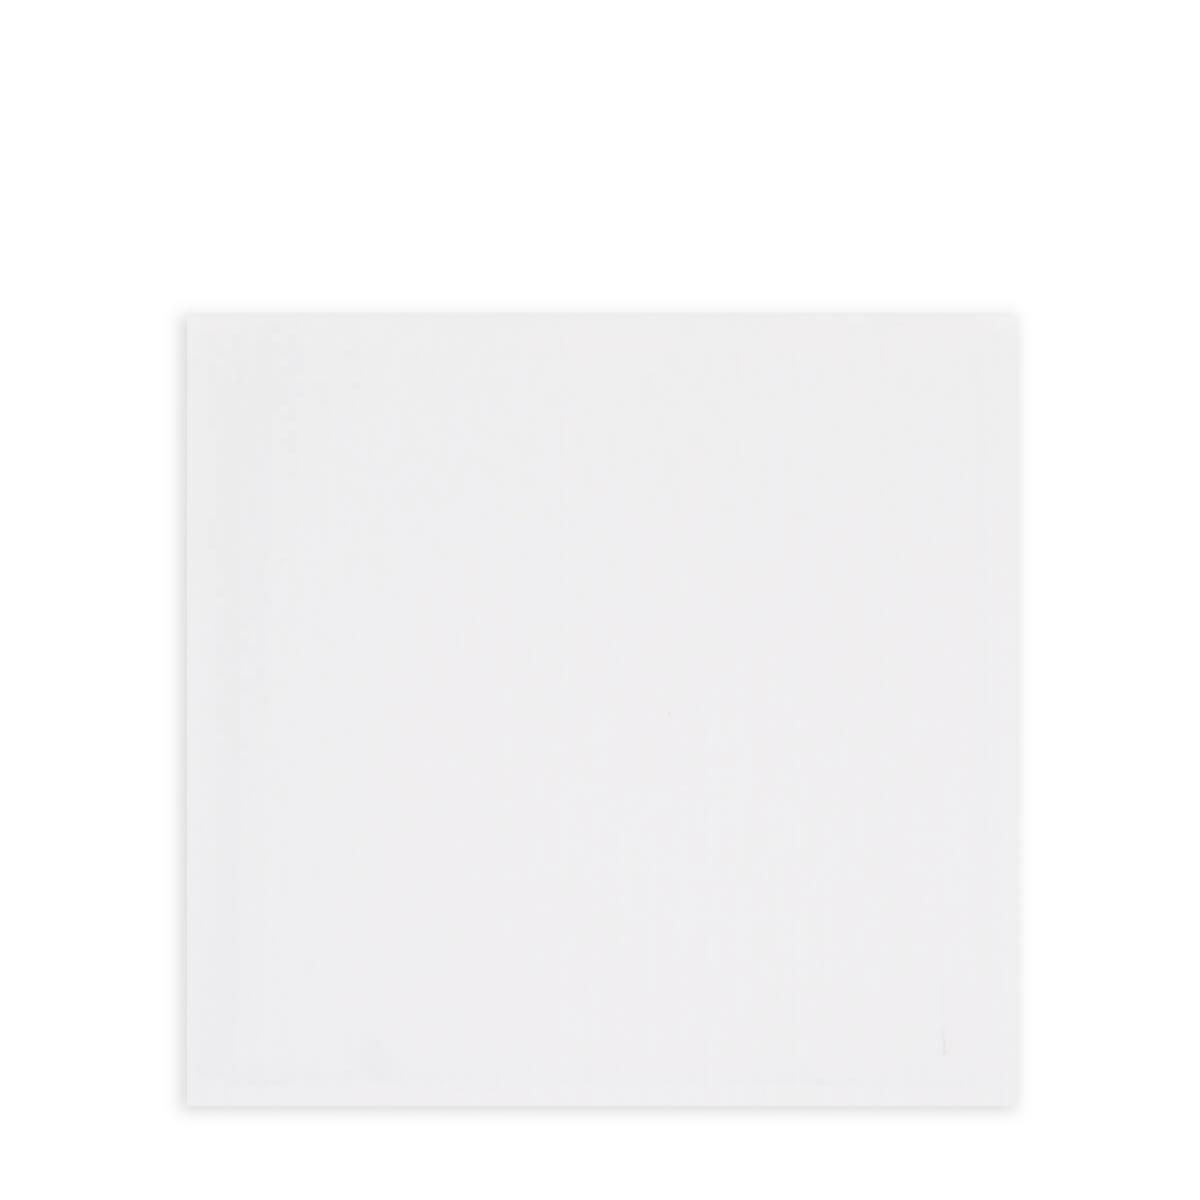 165 x 165mm WHITE PAPER PADDED ENVELOPES